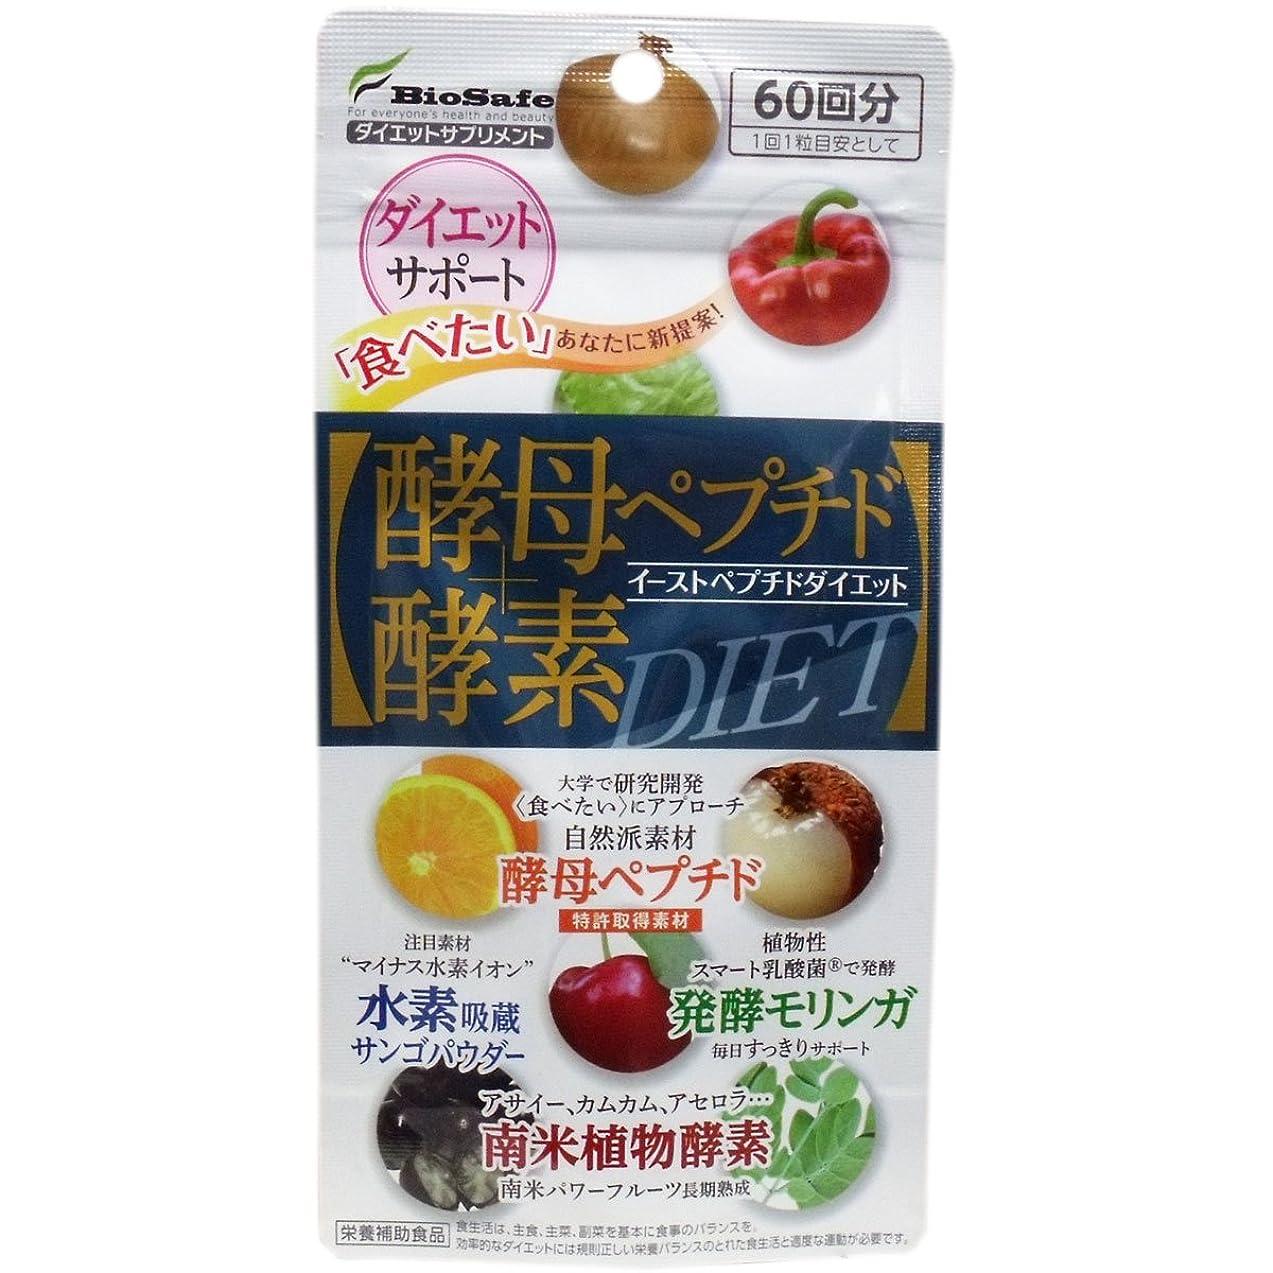 悪魔実施する封筒バイオセーフ 酵母ペプチド酵素ダイエット 60粒